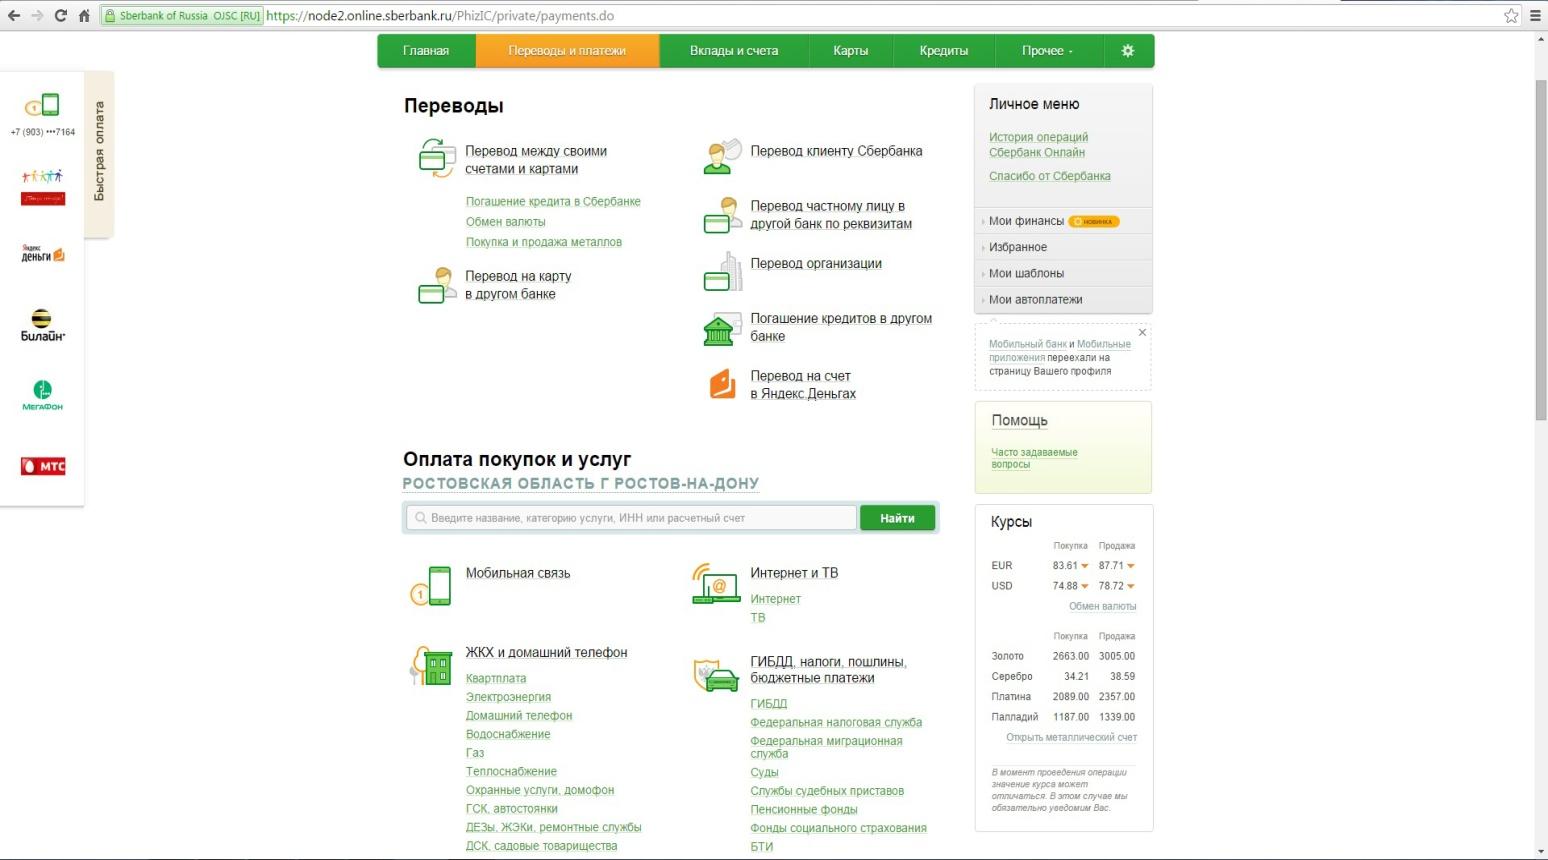 взять займ на банковский счет через онлайн